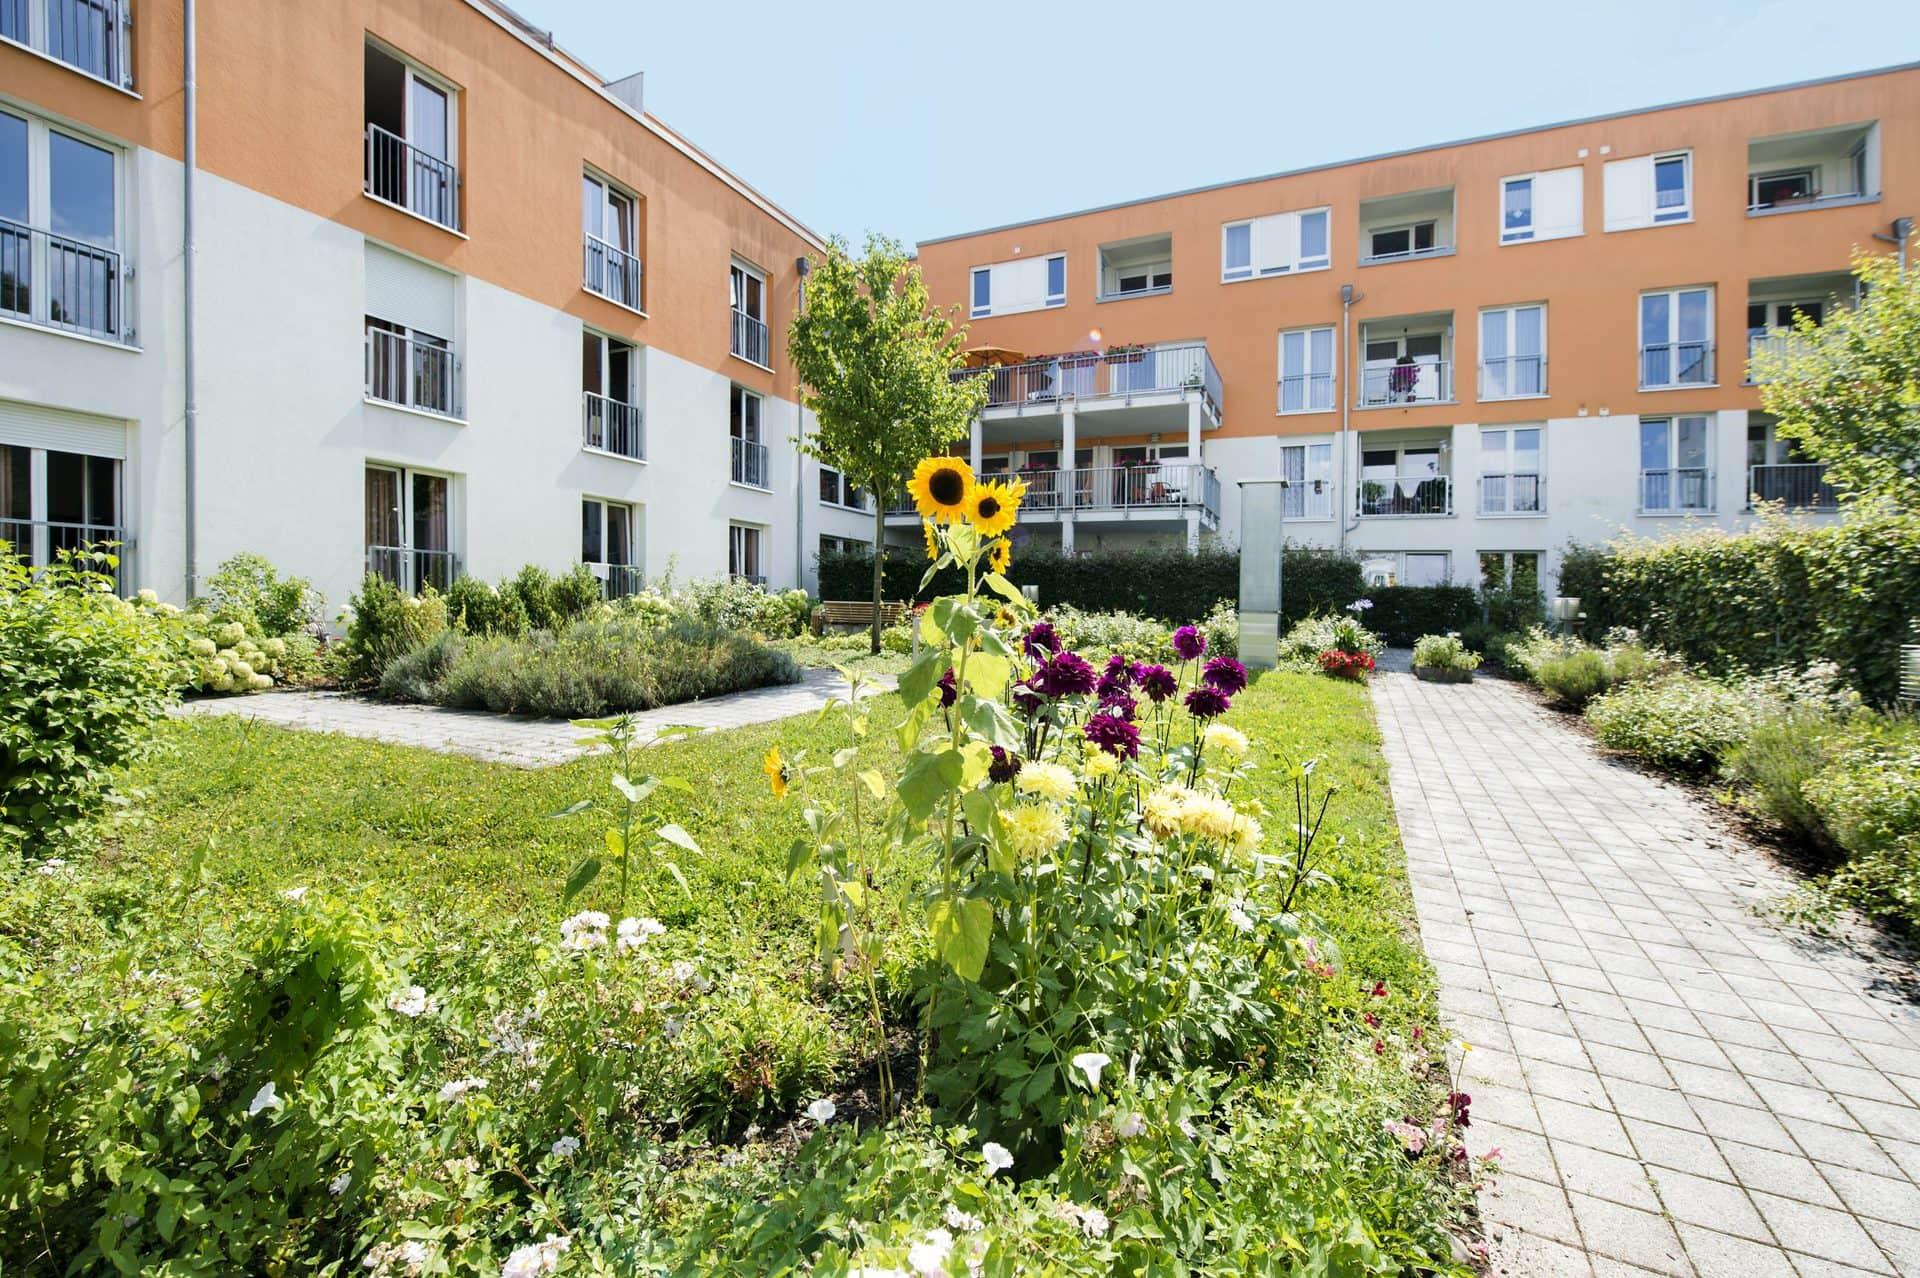 Frischer Wind im Rosengarten Neues Leitungsteams vom Charleston Wohn- und Pflegezentrum Rosengarten in Regensburg